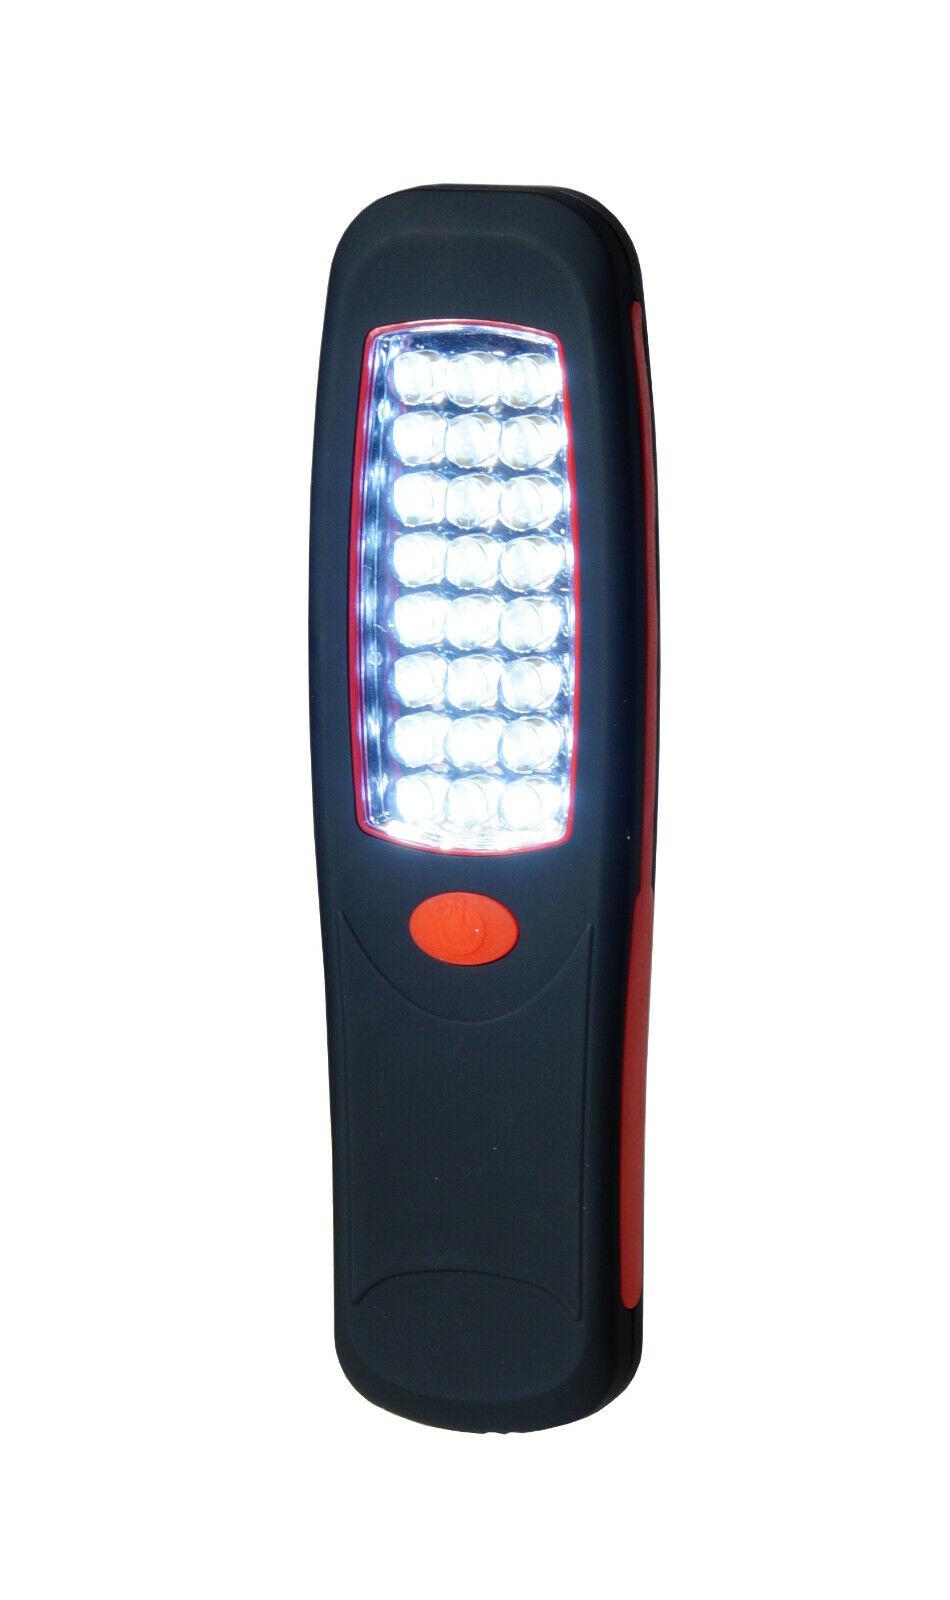 Warndreieck LED Handlampe EURO PANNENWARNDREIECK aufklappbar ECE R27 Auto